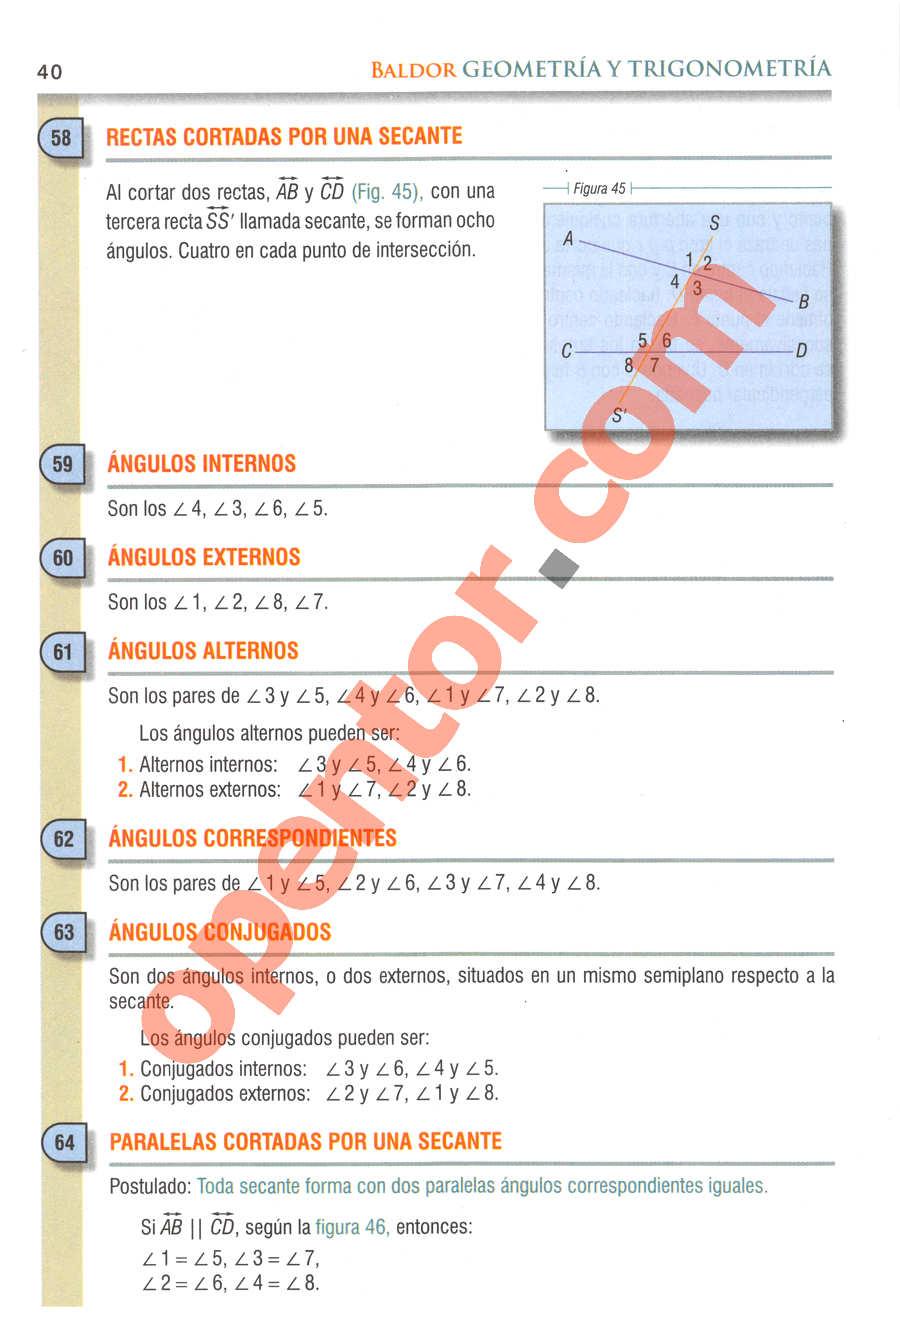 Geometría y Trigonometría de Baldor - Página 40